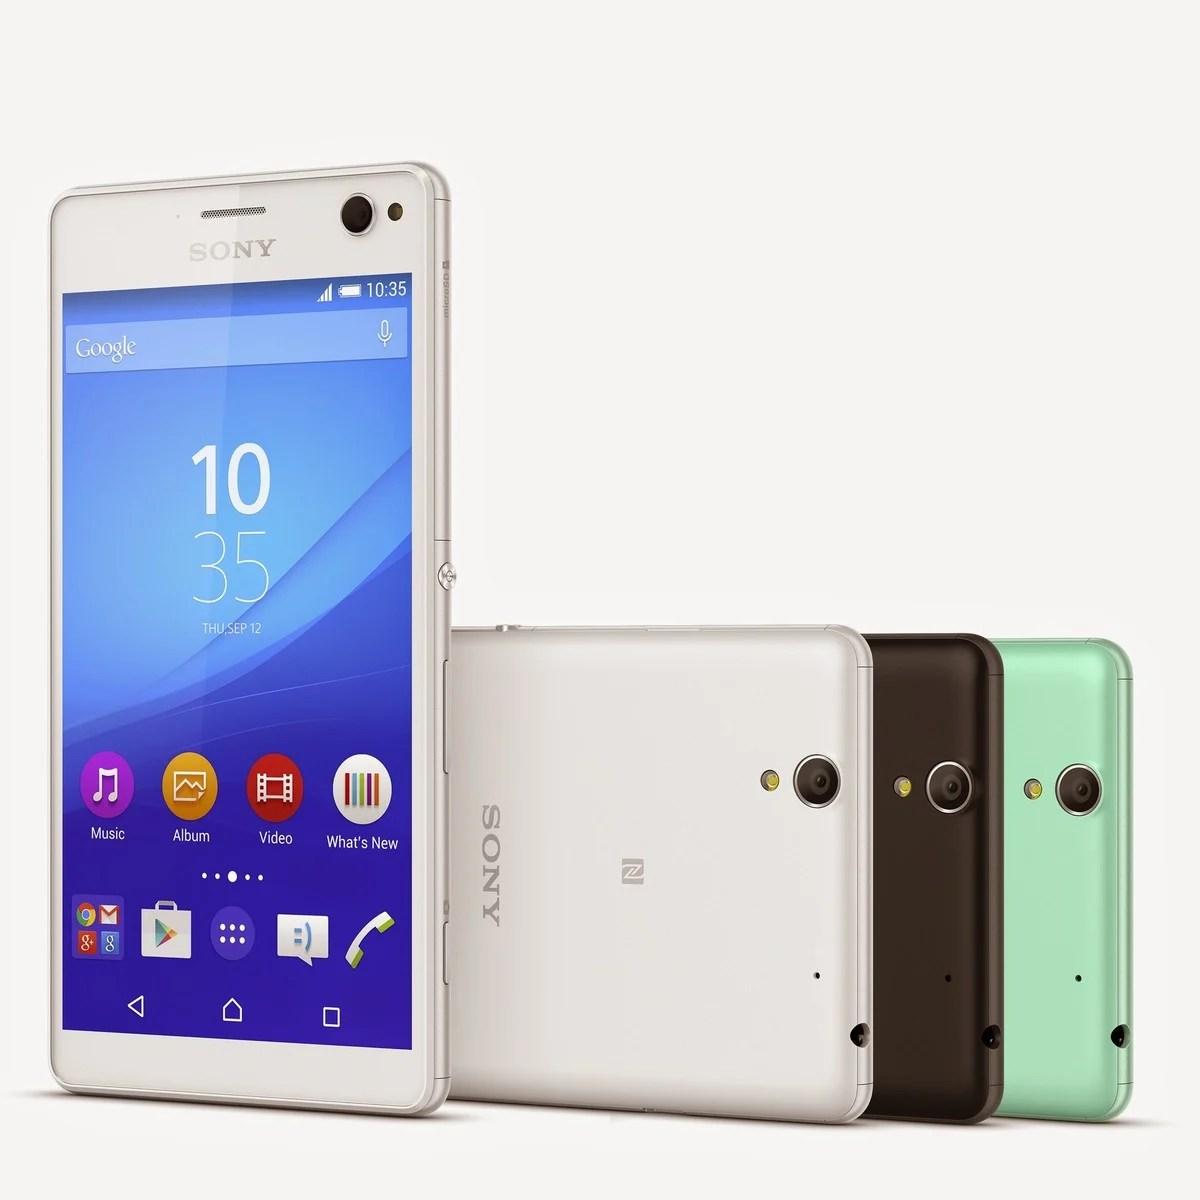 Les Sony Xperia C4 et C4 Dual mis à jour vers Android 6.0 Marshmallow